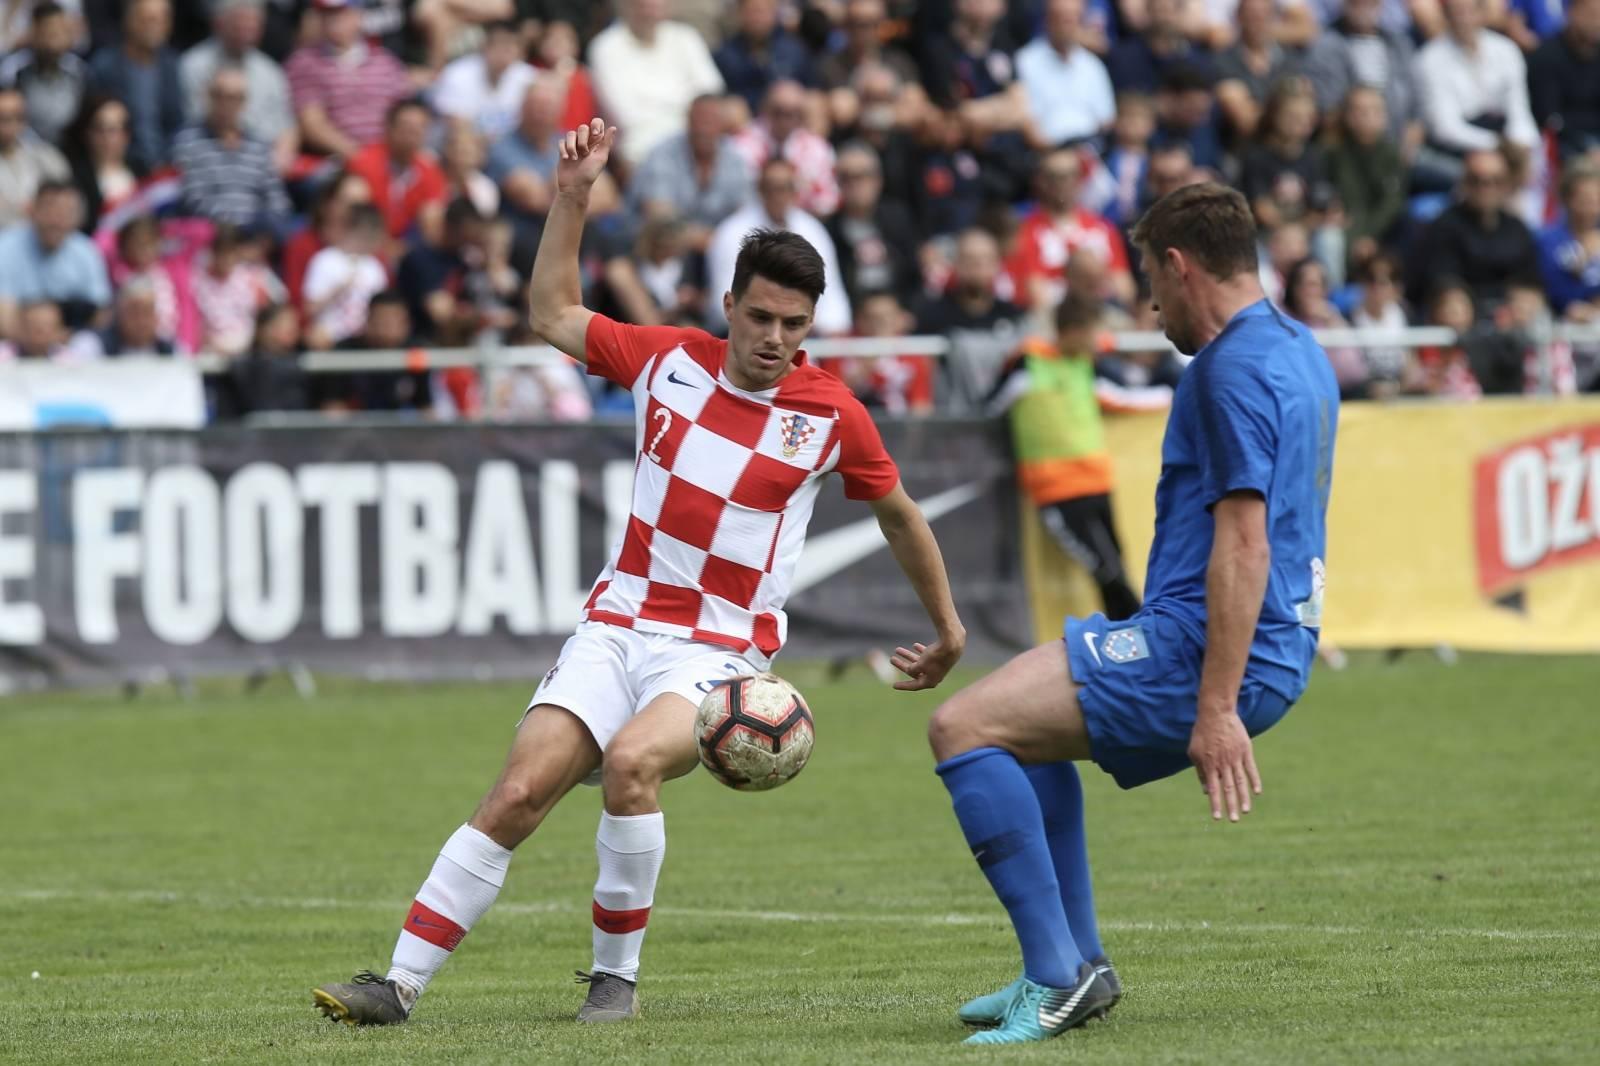 Prijateljska utakmica Hrvatske nogometne reprezentacije i NK Omiš povodom 100 godina istoimenog kluba